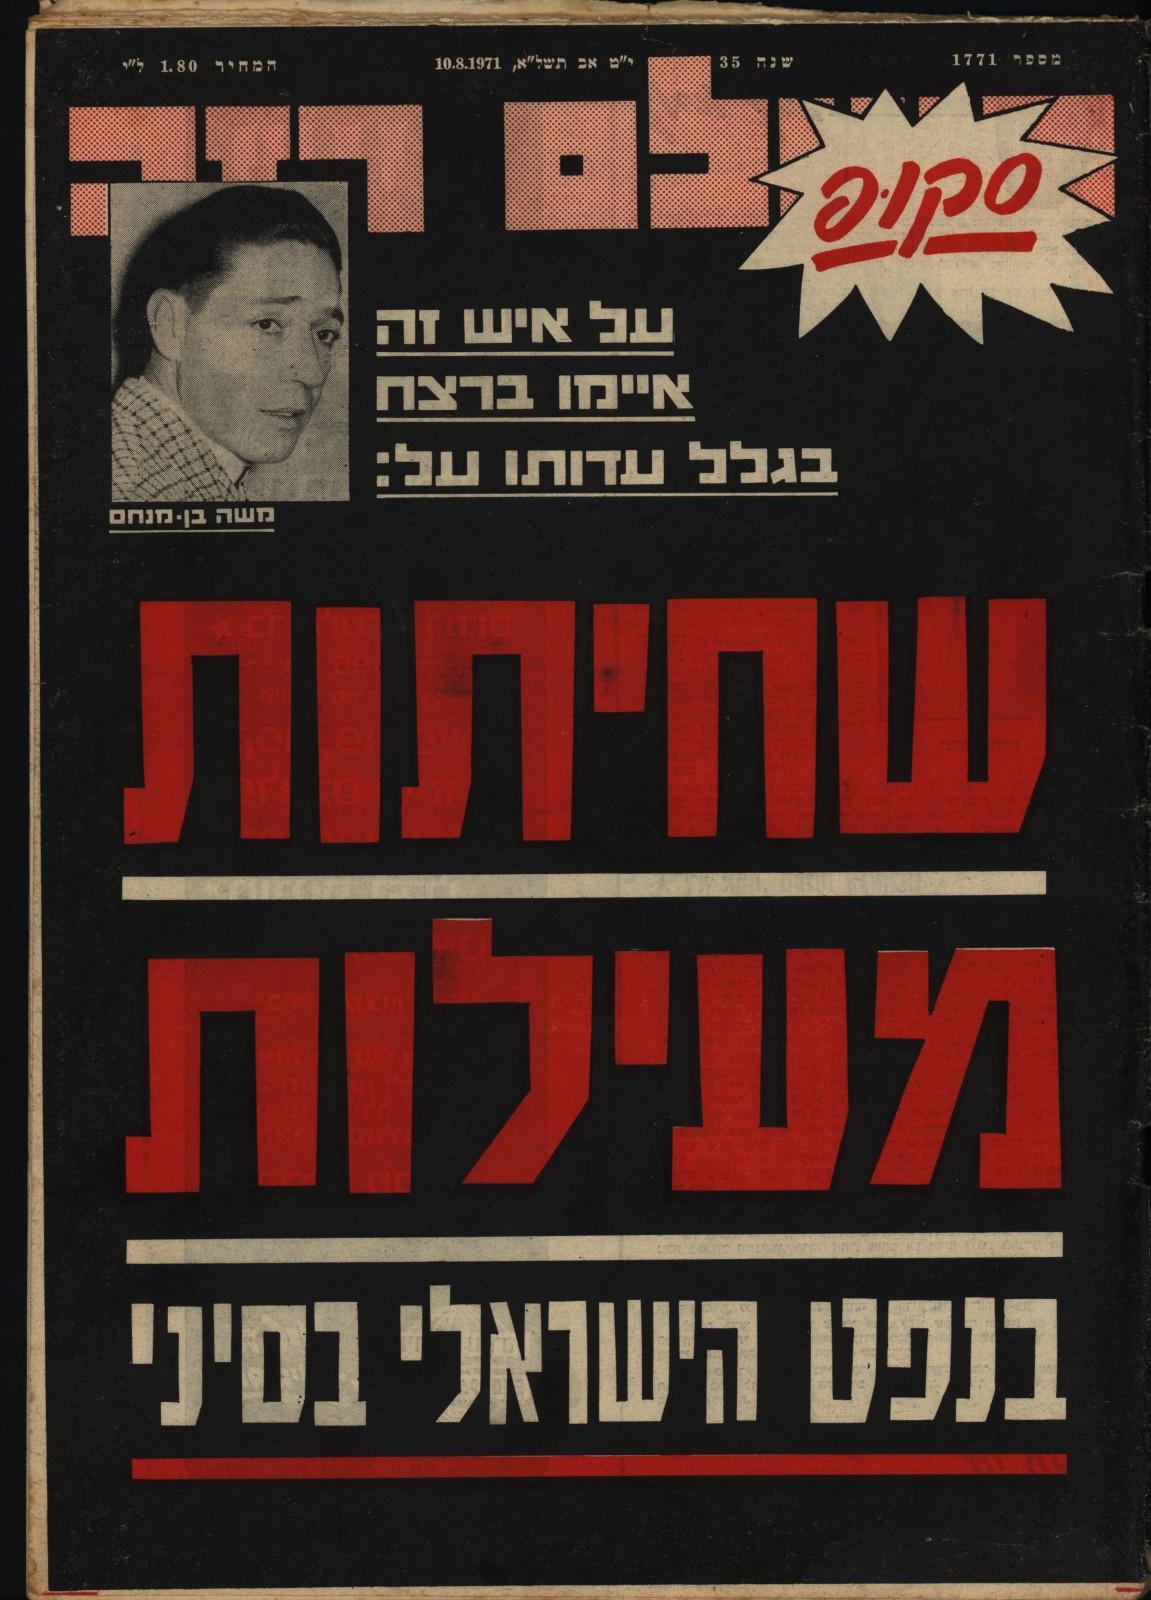 """פרשת """"נתיבי נפט"""" נחשפת ב""""העולם הזה"""", 10.8.1971, שער הגיליון"""